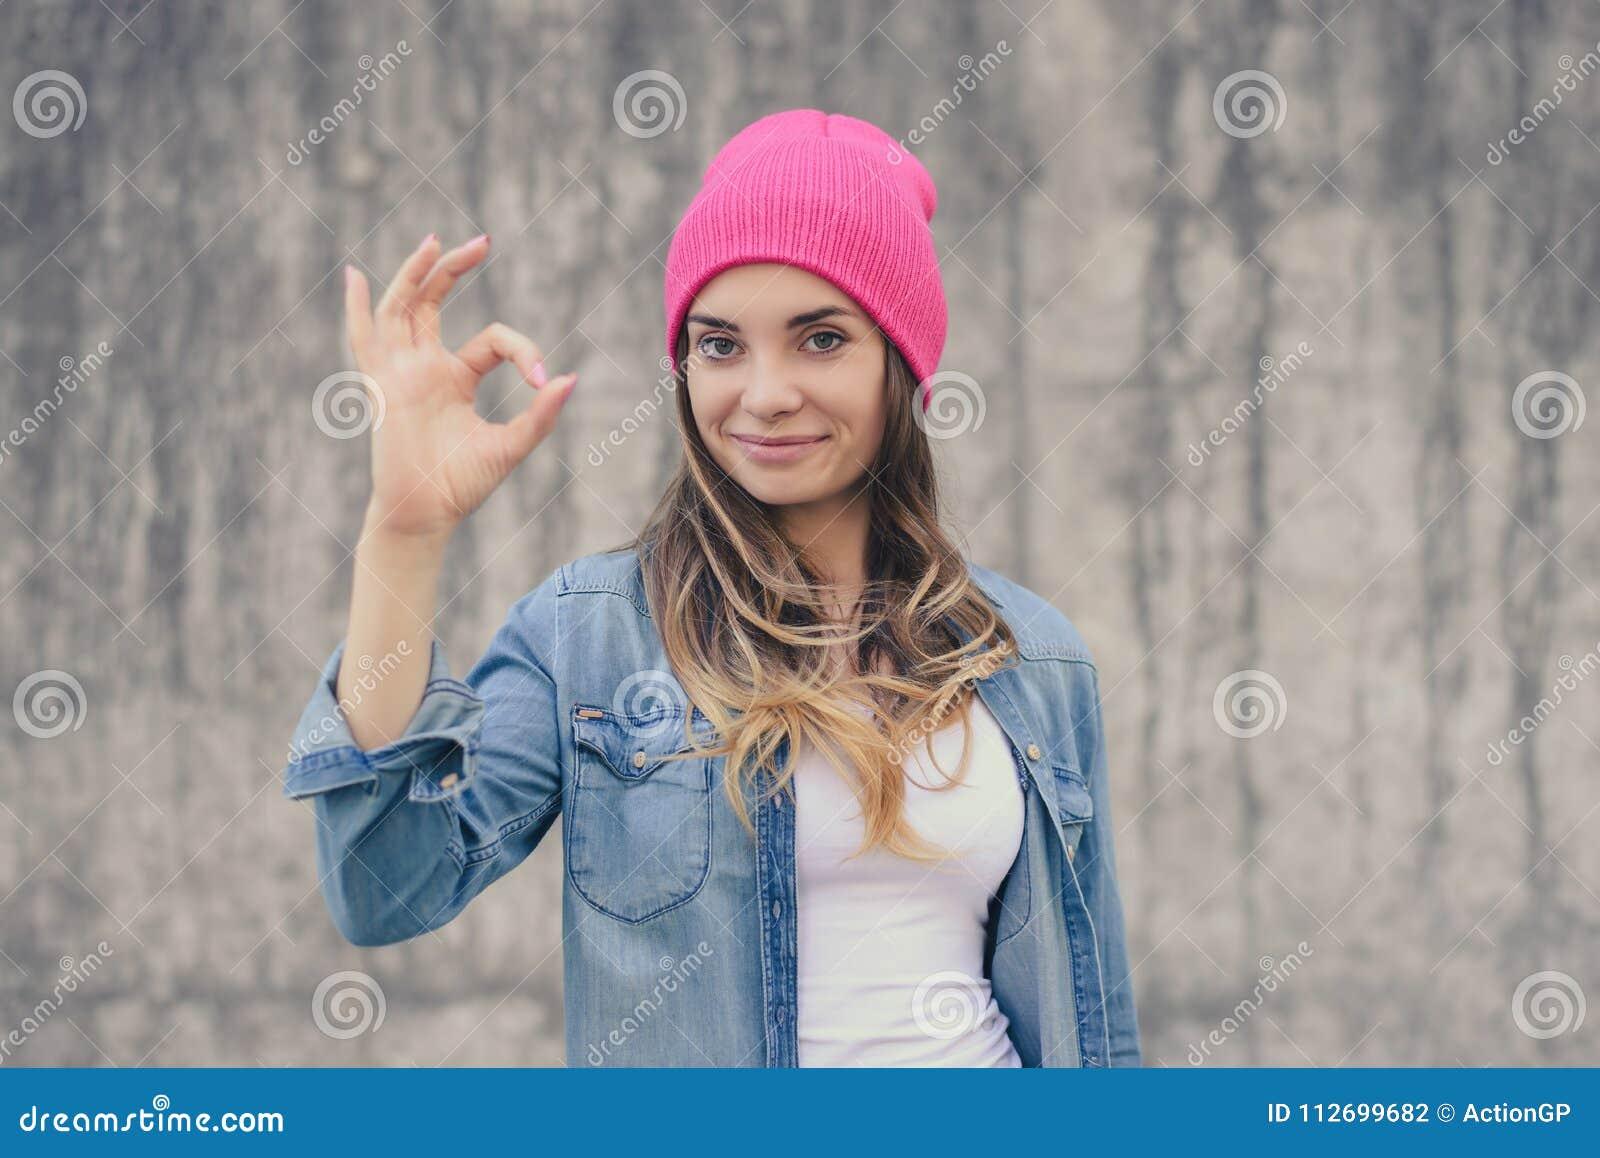 没有构成的愉快的确信的微笑的妇女在牛仔裤衬衣,白色帽子穿戴了,有长卷曲的听见显示好标志反对灰色